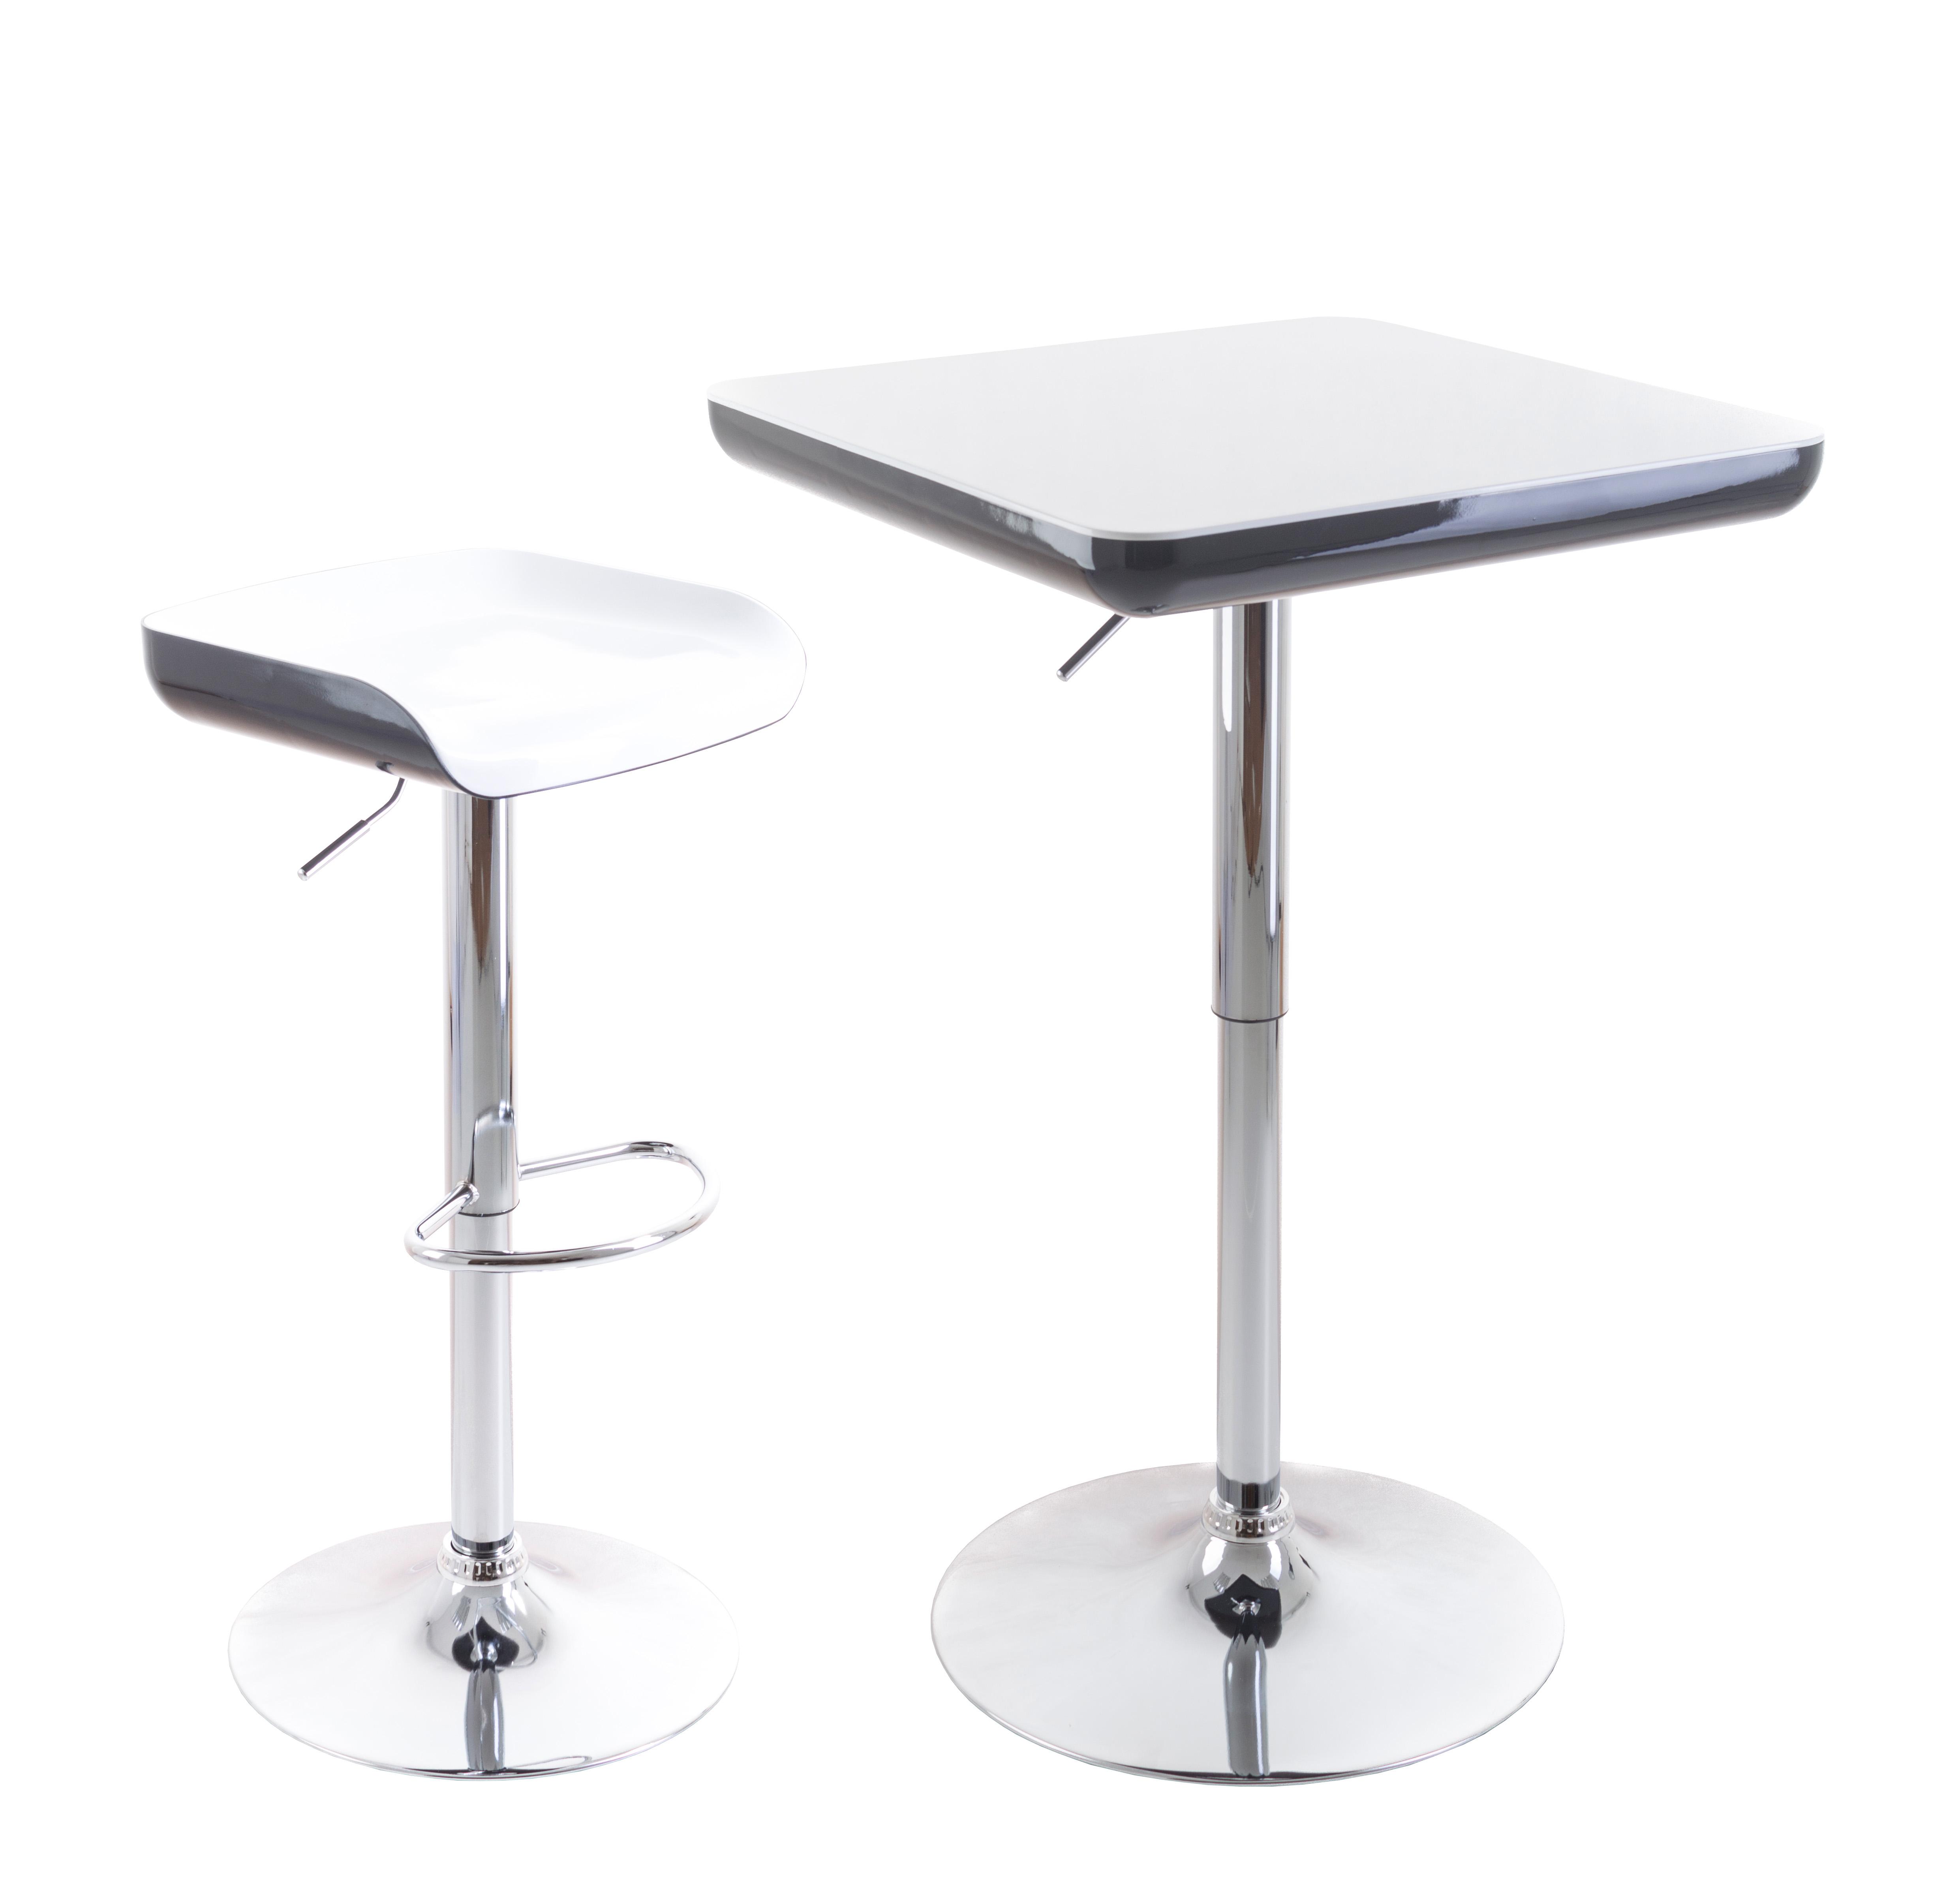 barový stolek G21 s barvou židlí G21 na bílém pozadí